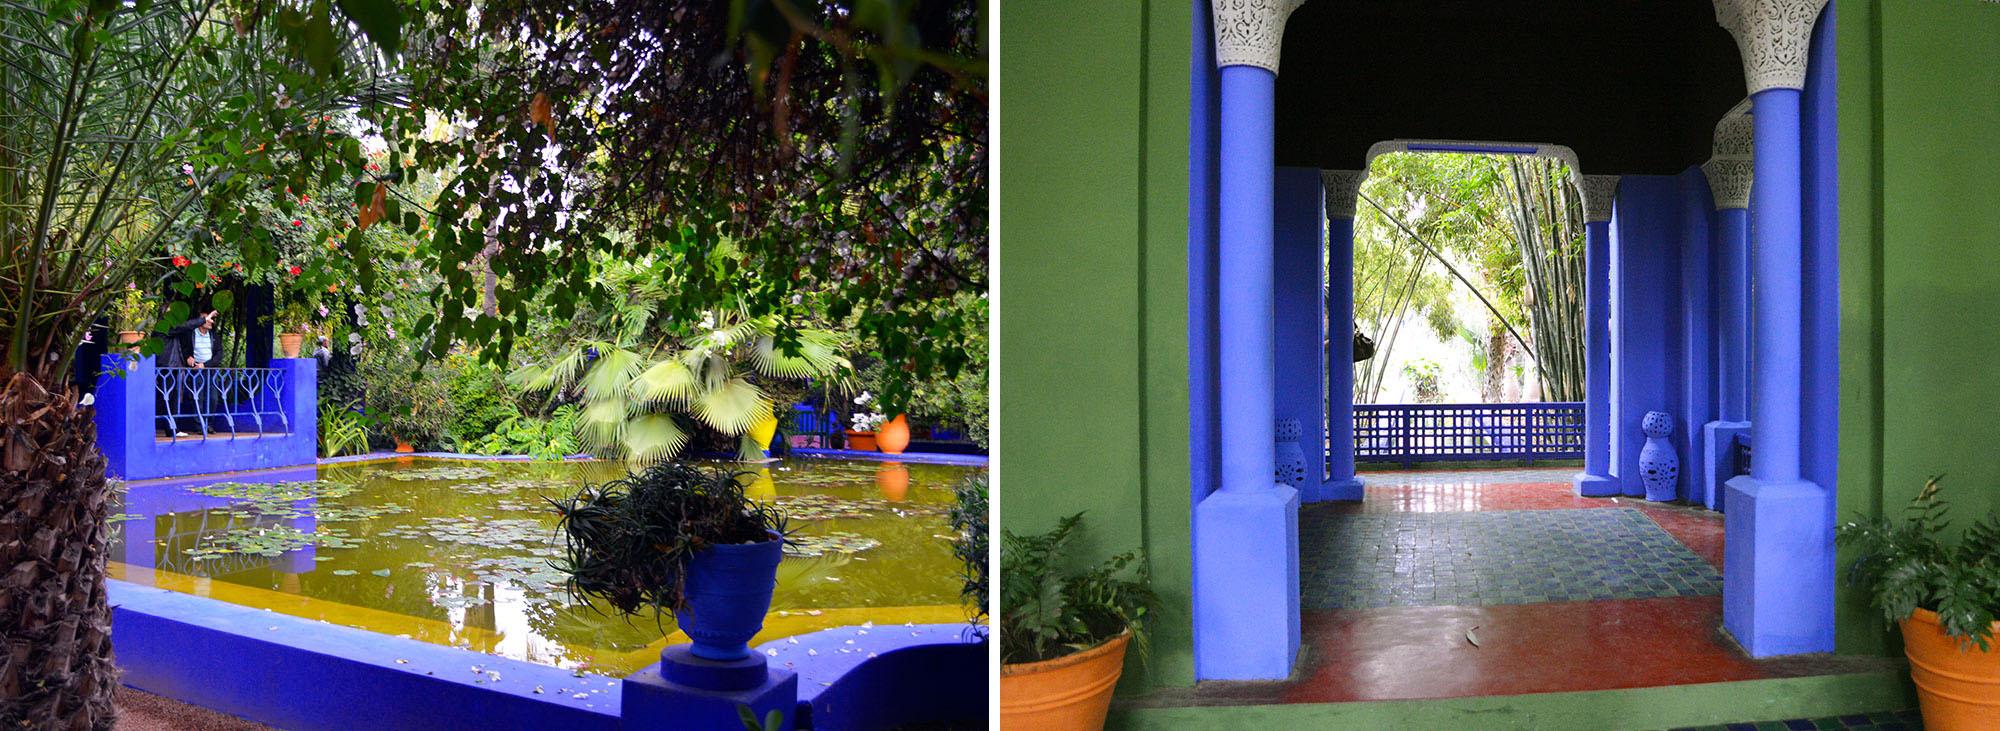 marrakesch marokkos orient der bunte soundtrack aus 1001 nacht. Black Bedroom Furniture Sets. Home Design Ideas